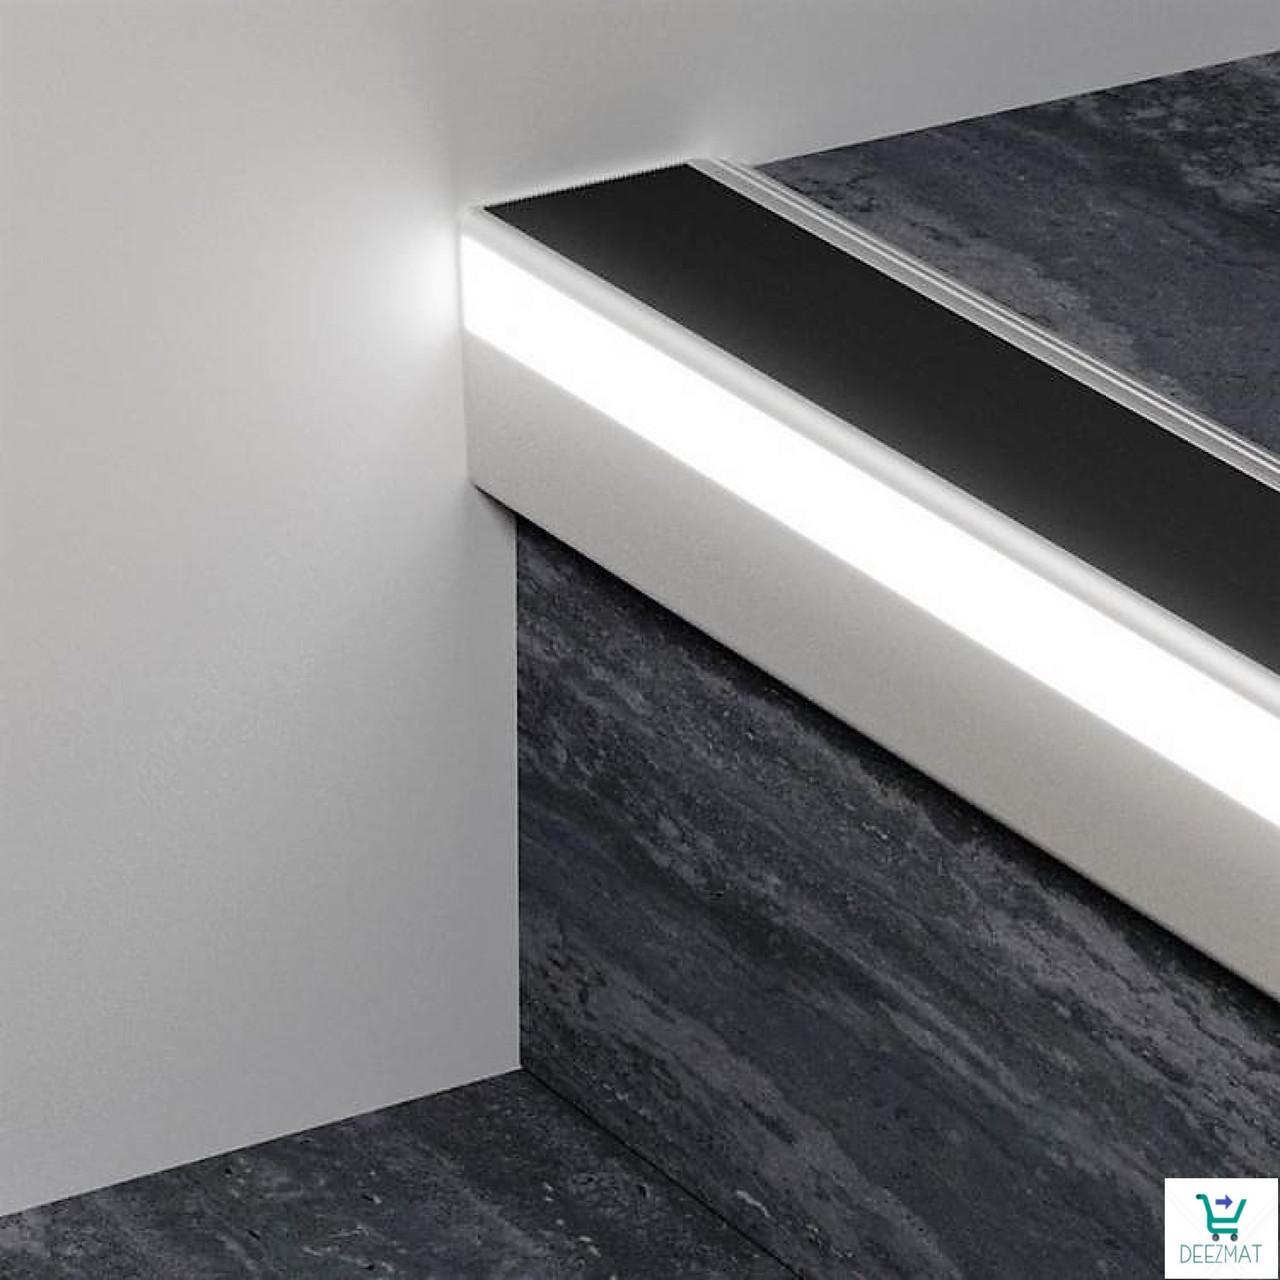 Накладной алюминиевый профиль 126/L/F для защиты ступеней с LED подсветкой 52х62х2700 мм.